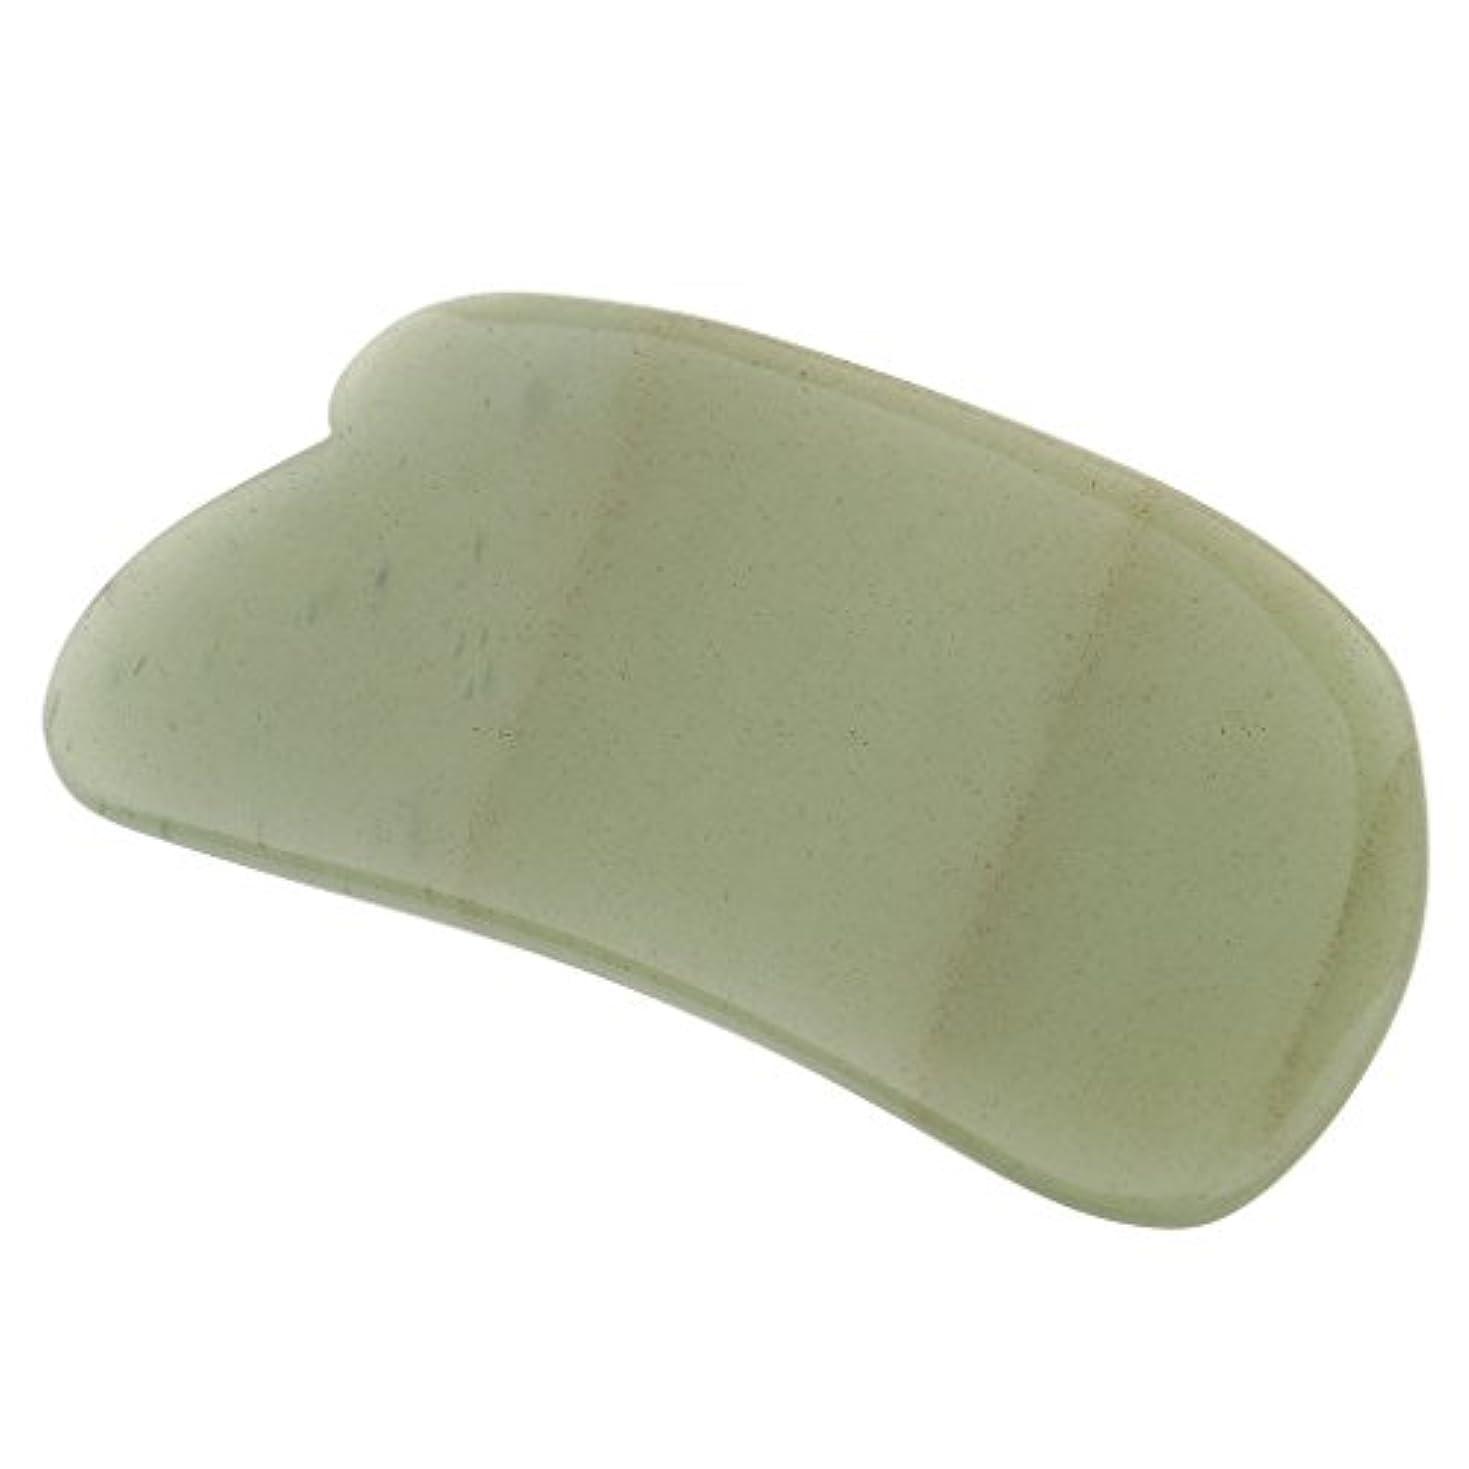 対人ポケット開発するPerfk カッサ板 美顔 天然石  アベンチュリン カッサボード カッサマッサージ道具 ギフト マッサージ道具  健康ツール 2タイプ選べ  - タイプ1